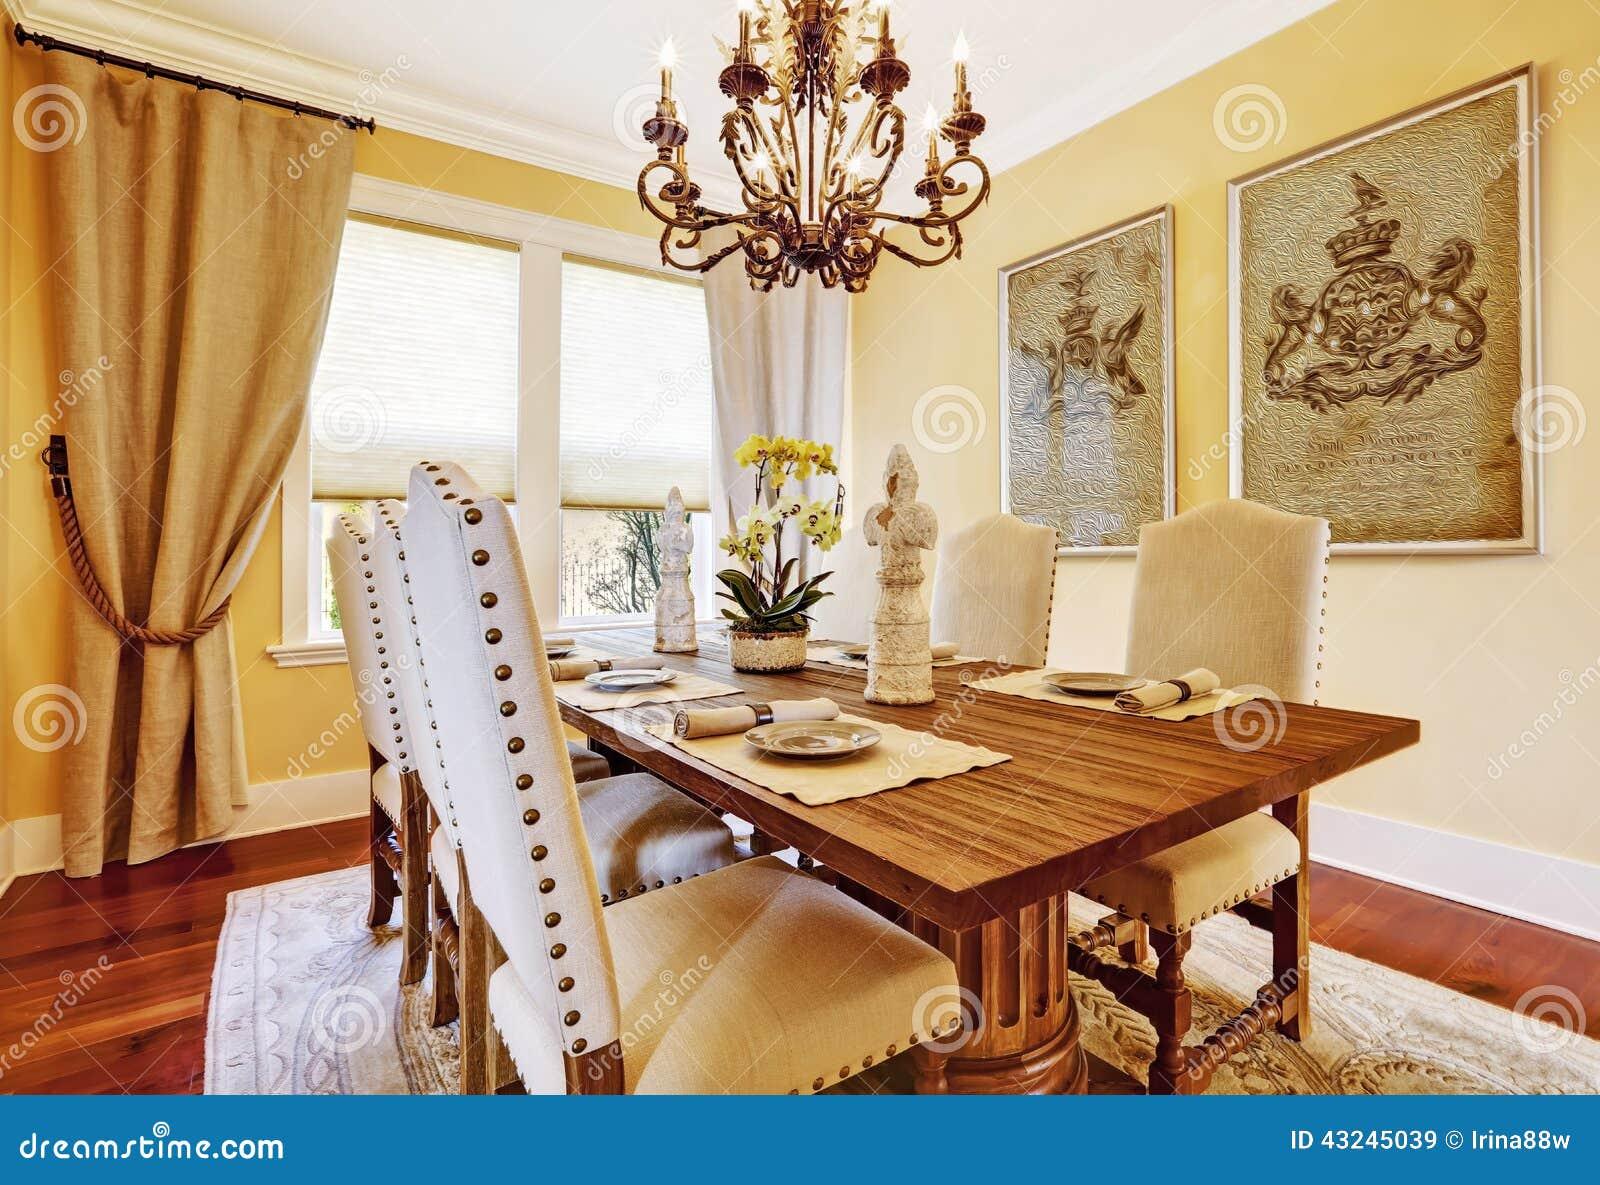 Salle manger de luxe avec la table en bois d coup e for Table de salle a manger luxe